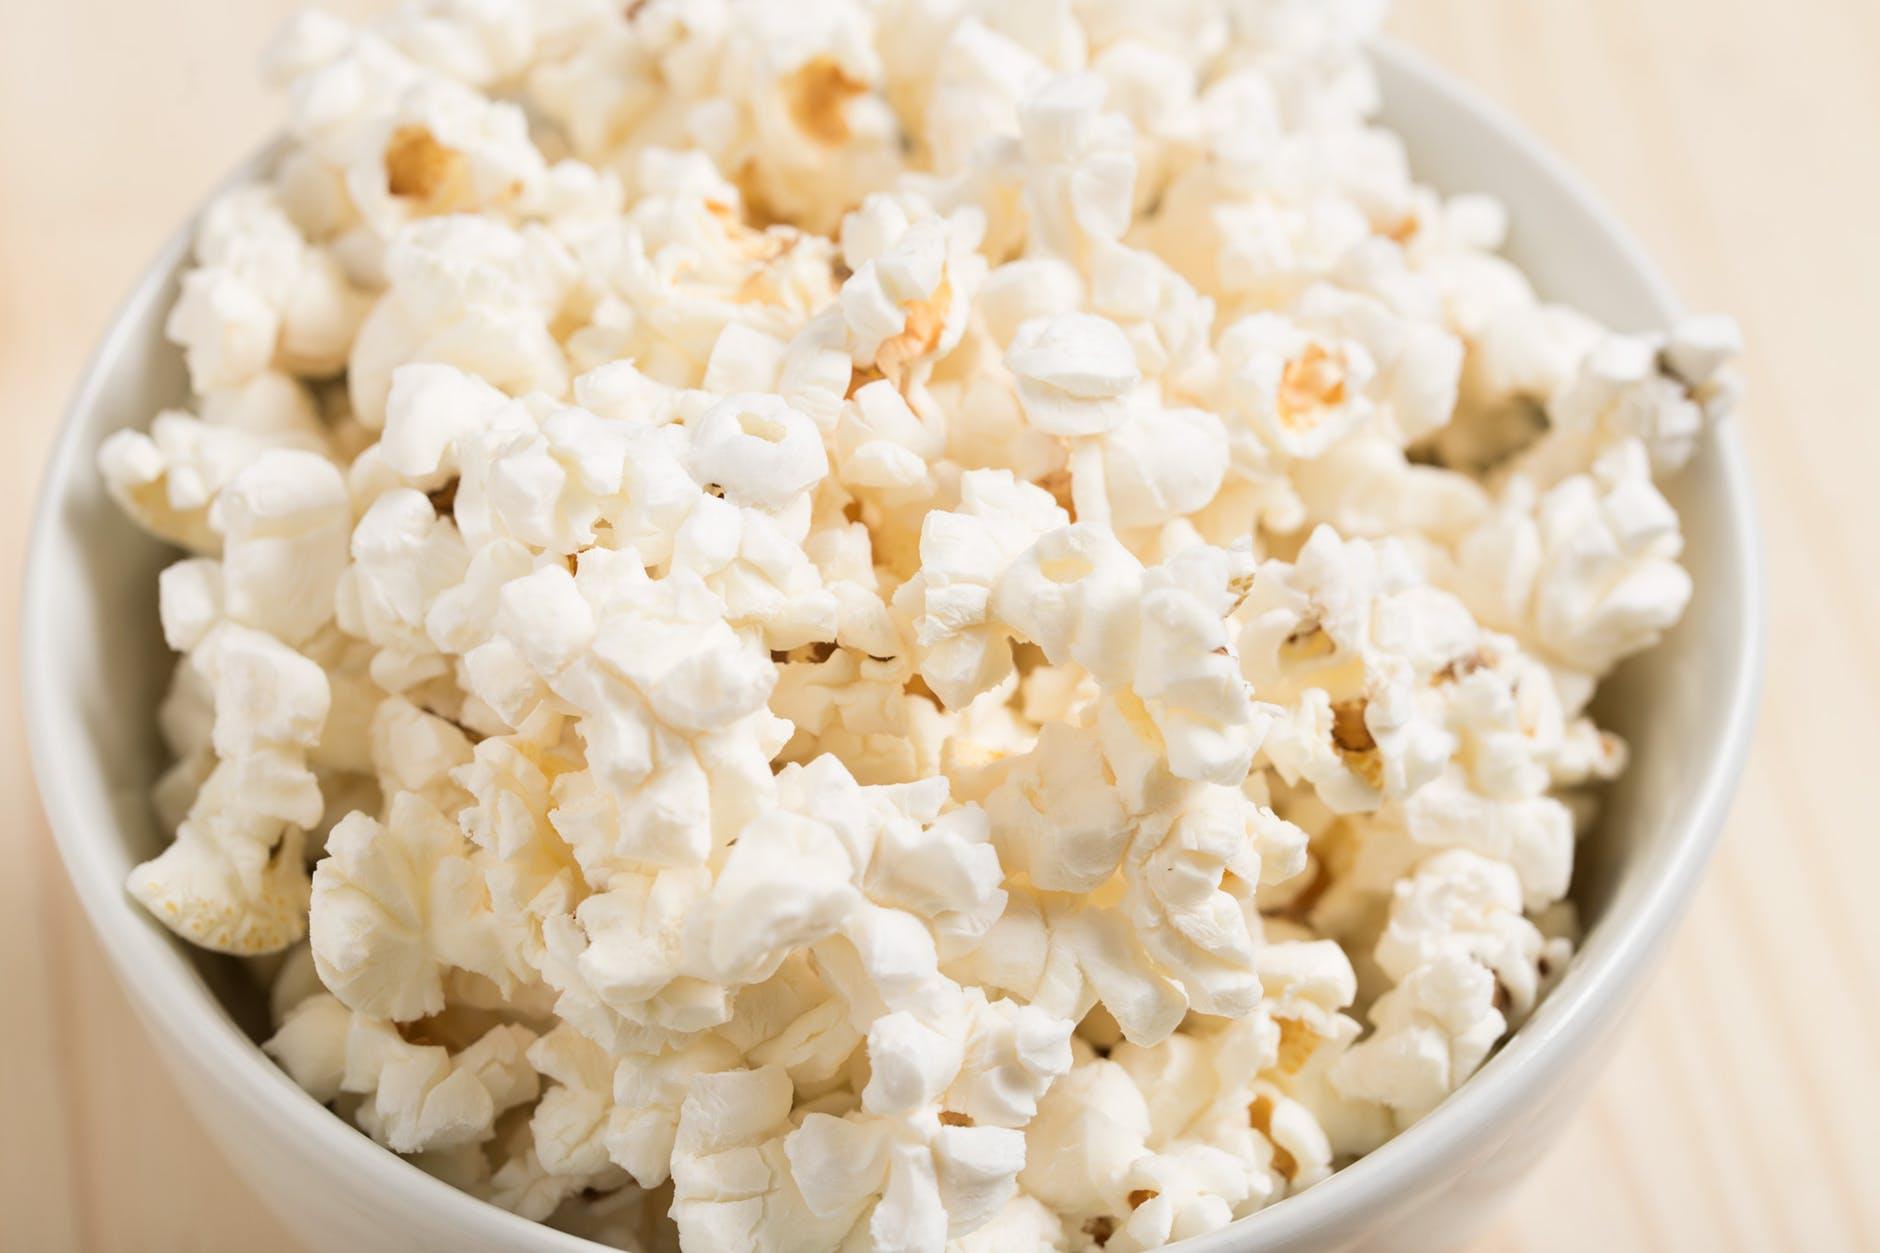 healthy snack movie popcorn